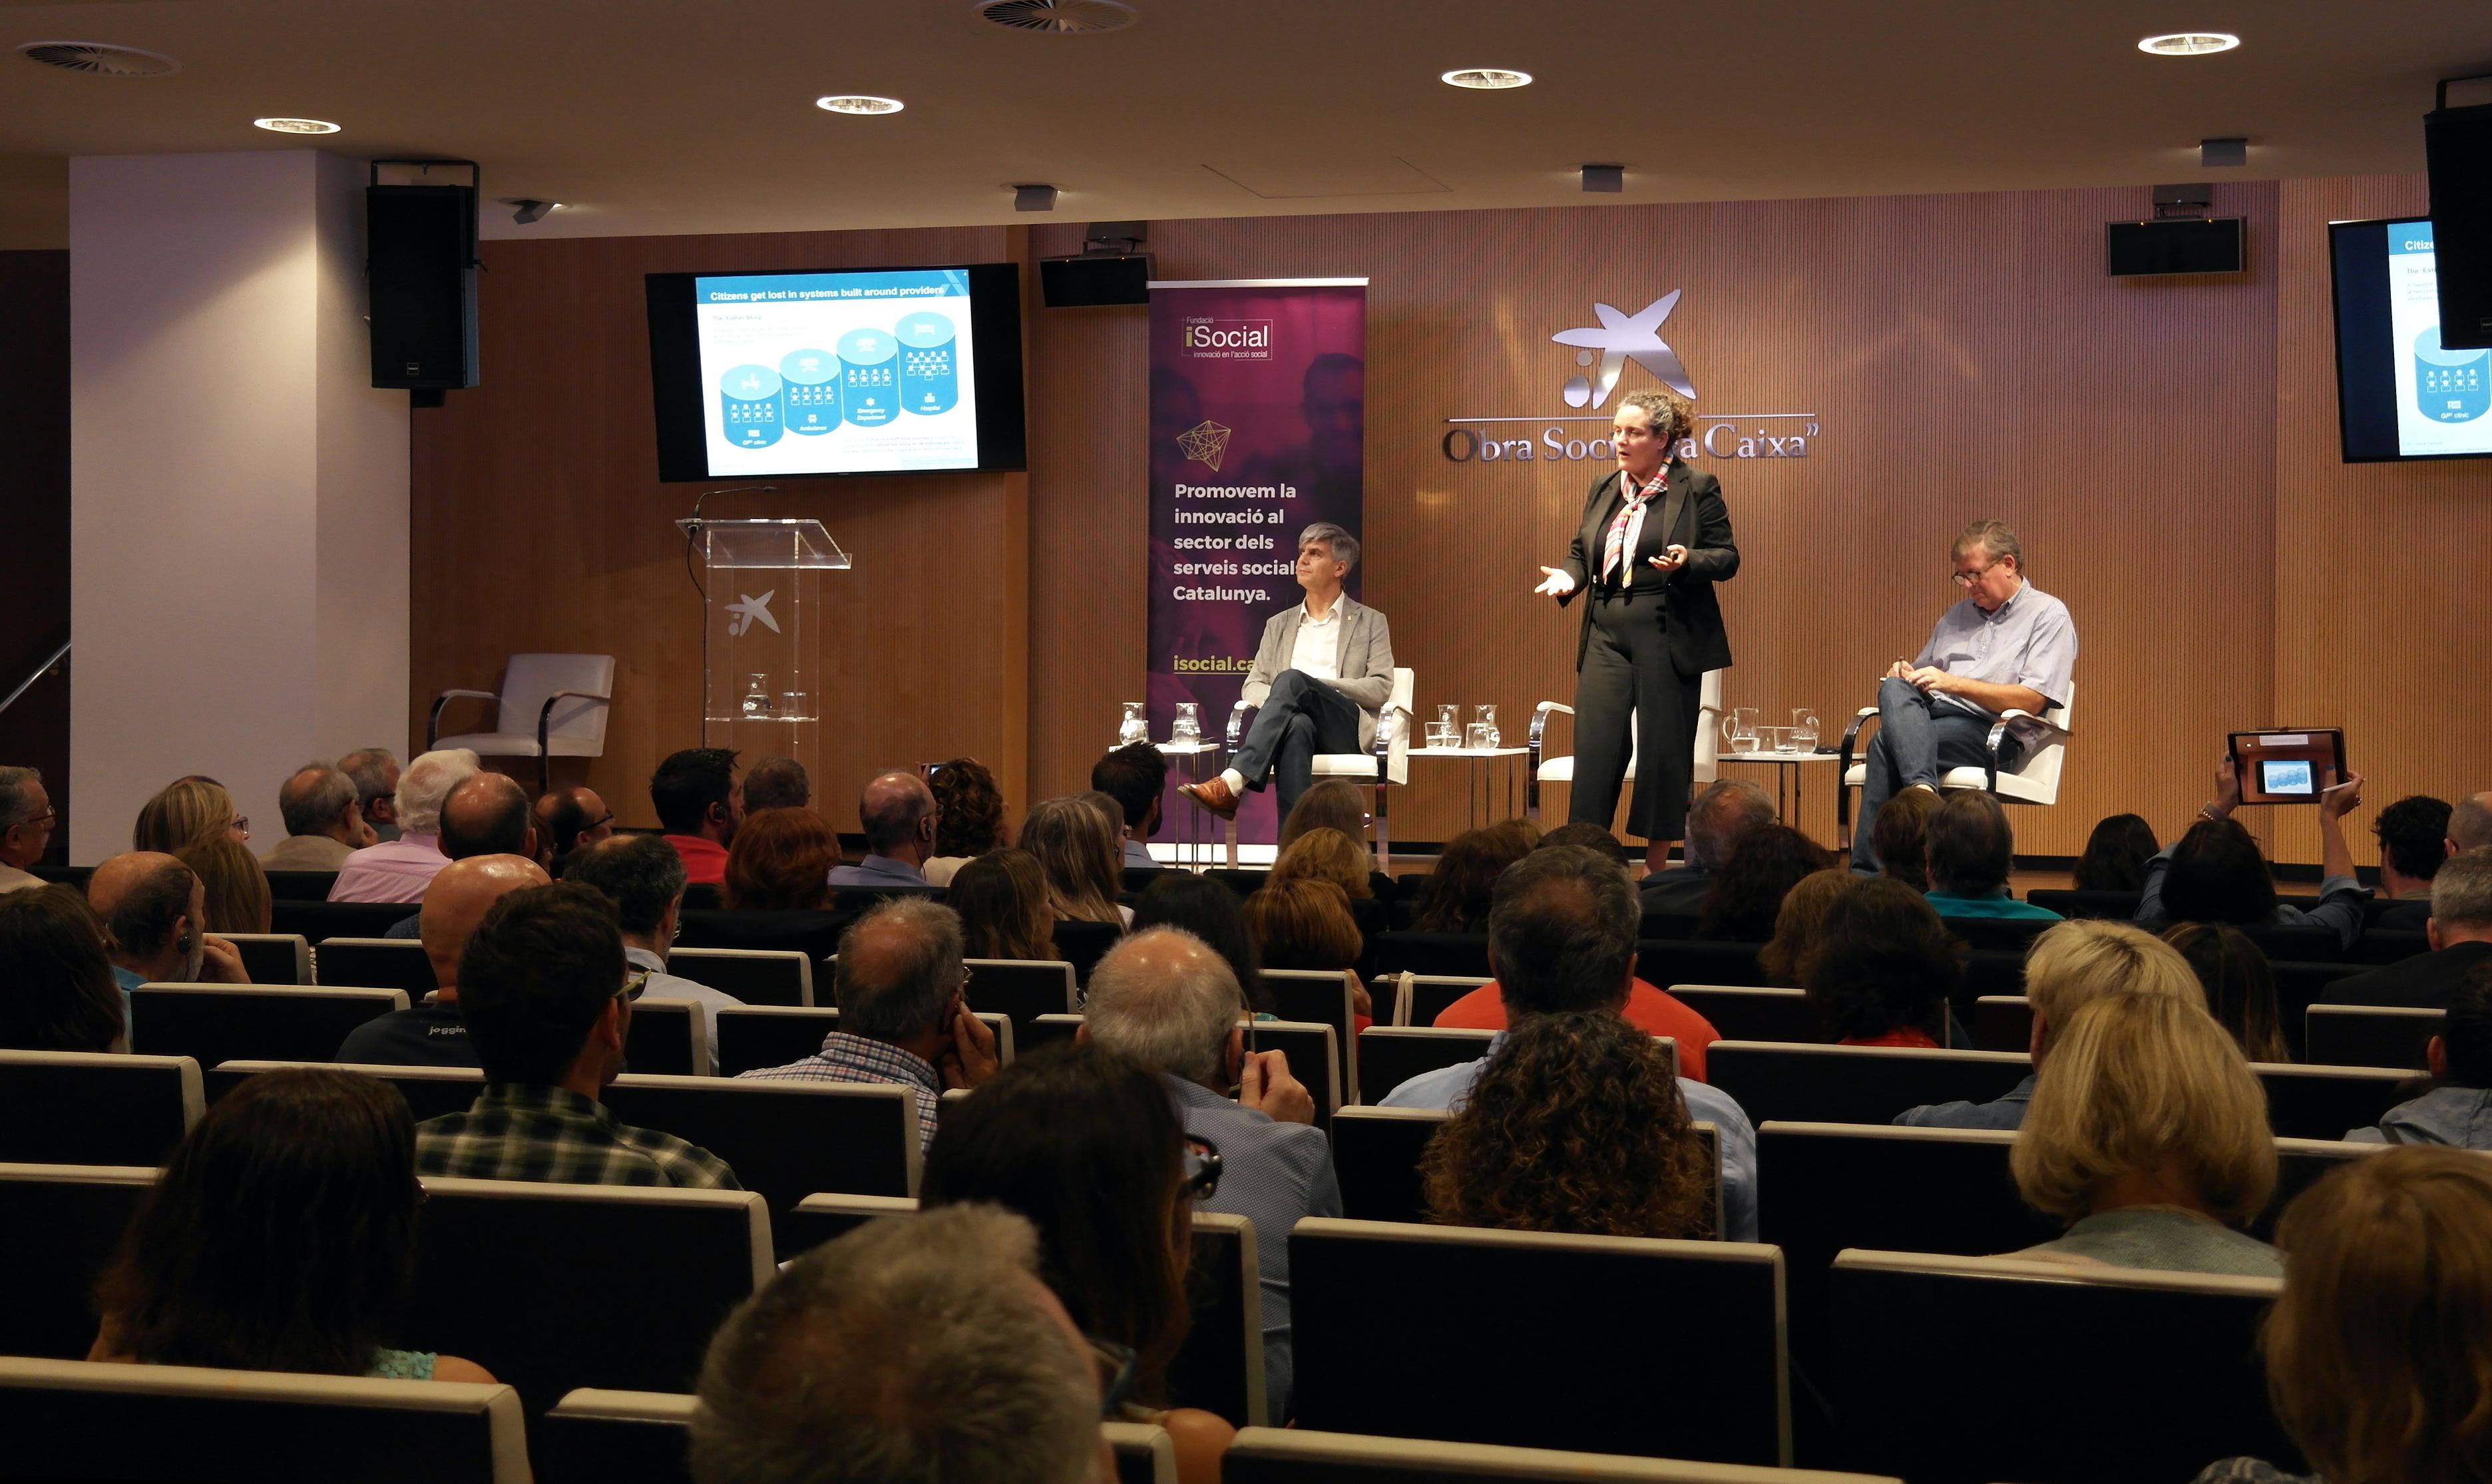 La Fundación iSocial y la Fundación La Caixa llenan el Palau Macaya en la primera sesión de un ciclo de conferencias sobre Big Data y servicios sociales